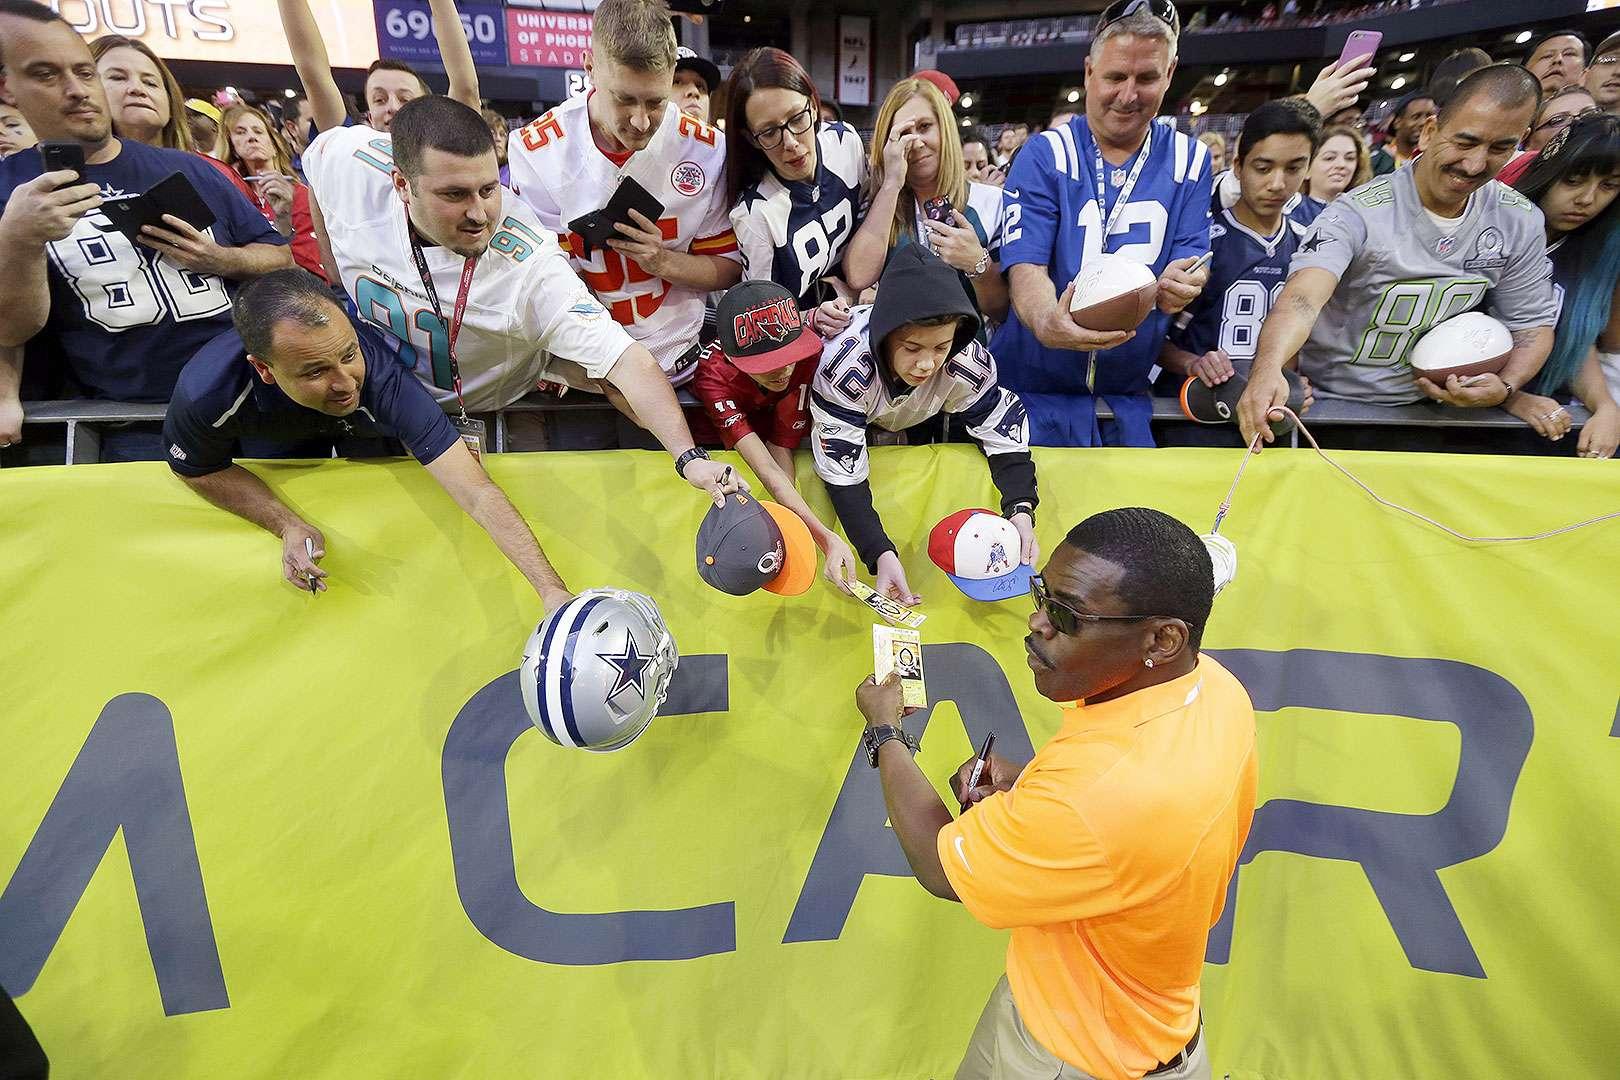 Con una serie de reglas nuevas que intentaron darle mayor emoción al encuentro, el equipo Michael Irvin se adjudicó el Pro Bowl o el Tazón de los Profesionales de la NFL, al imponerse por 32-28, con voltereta incluida, al equipo Cris Carter. Foto: AP